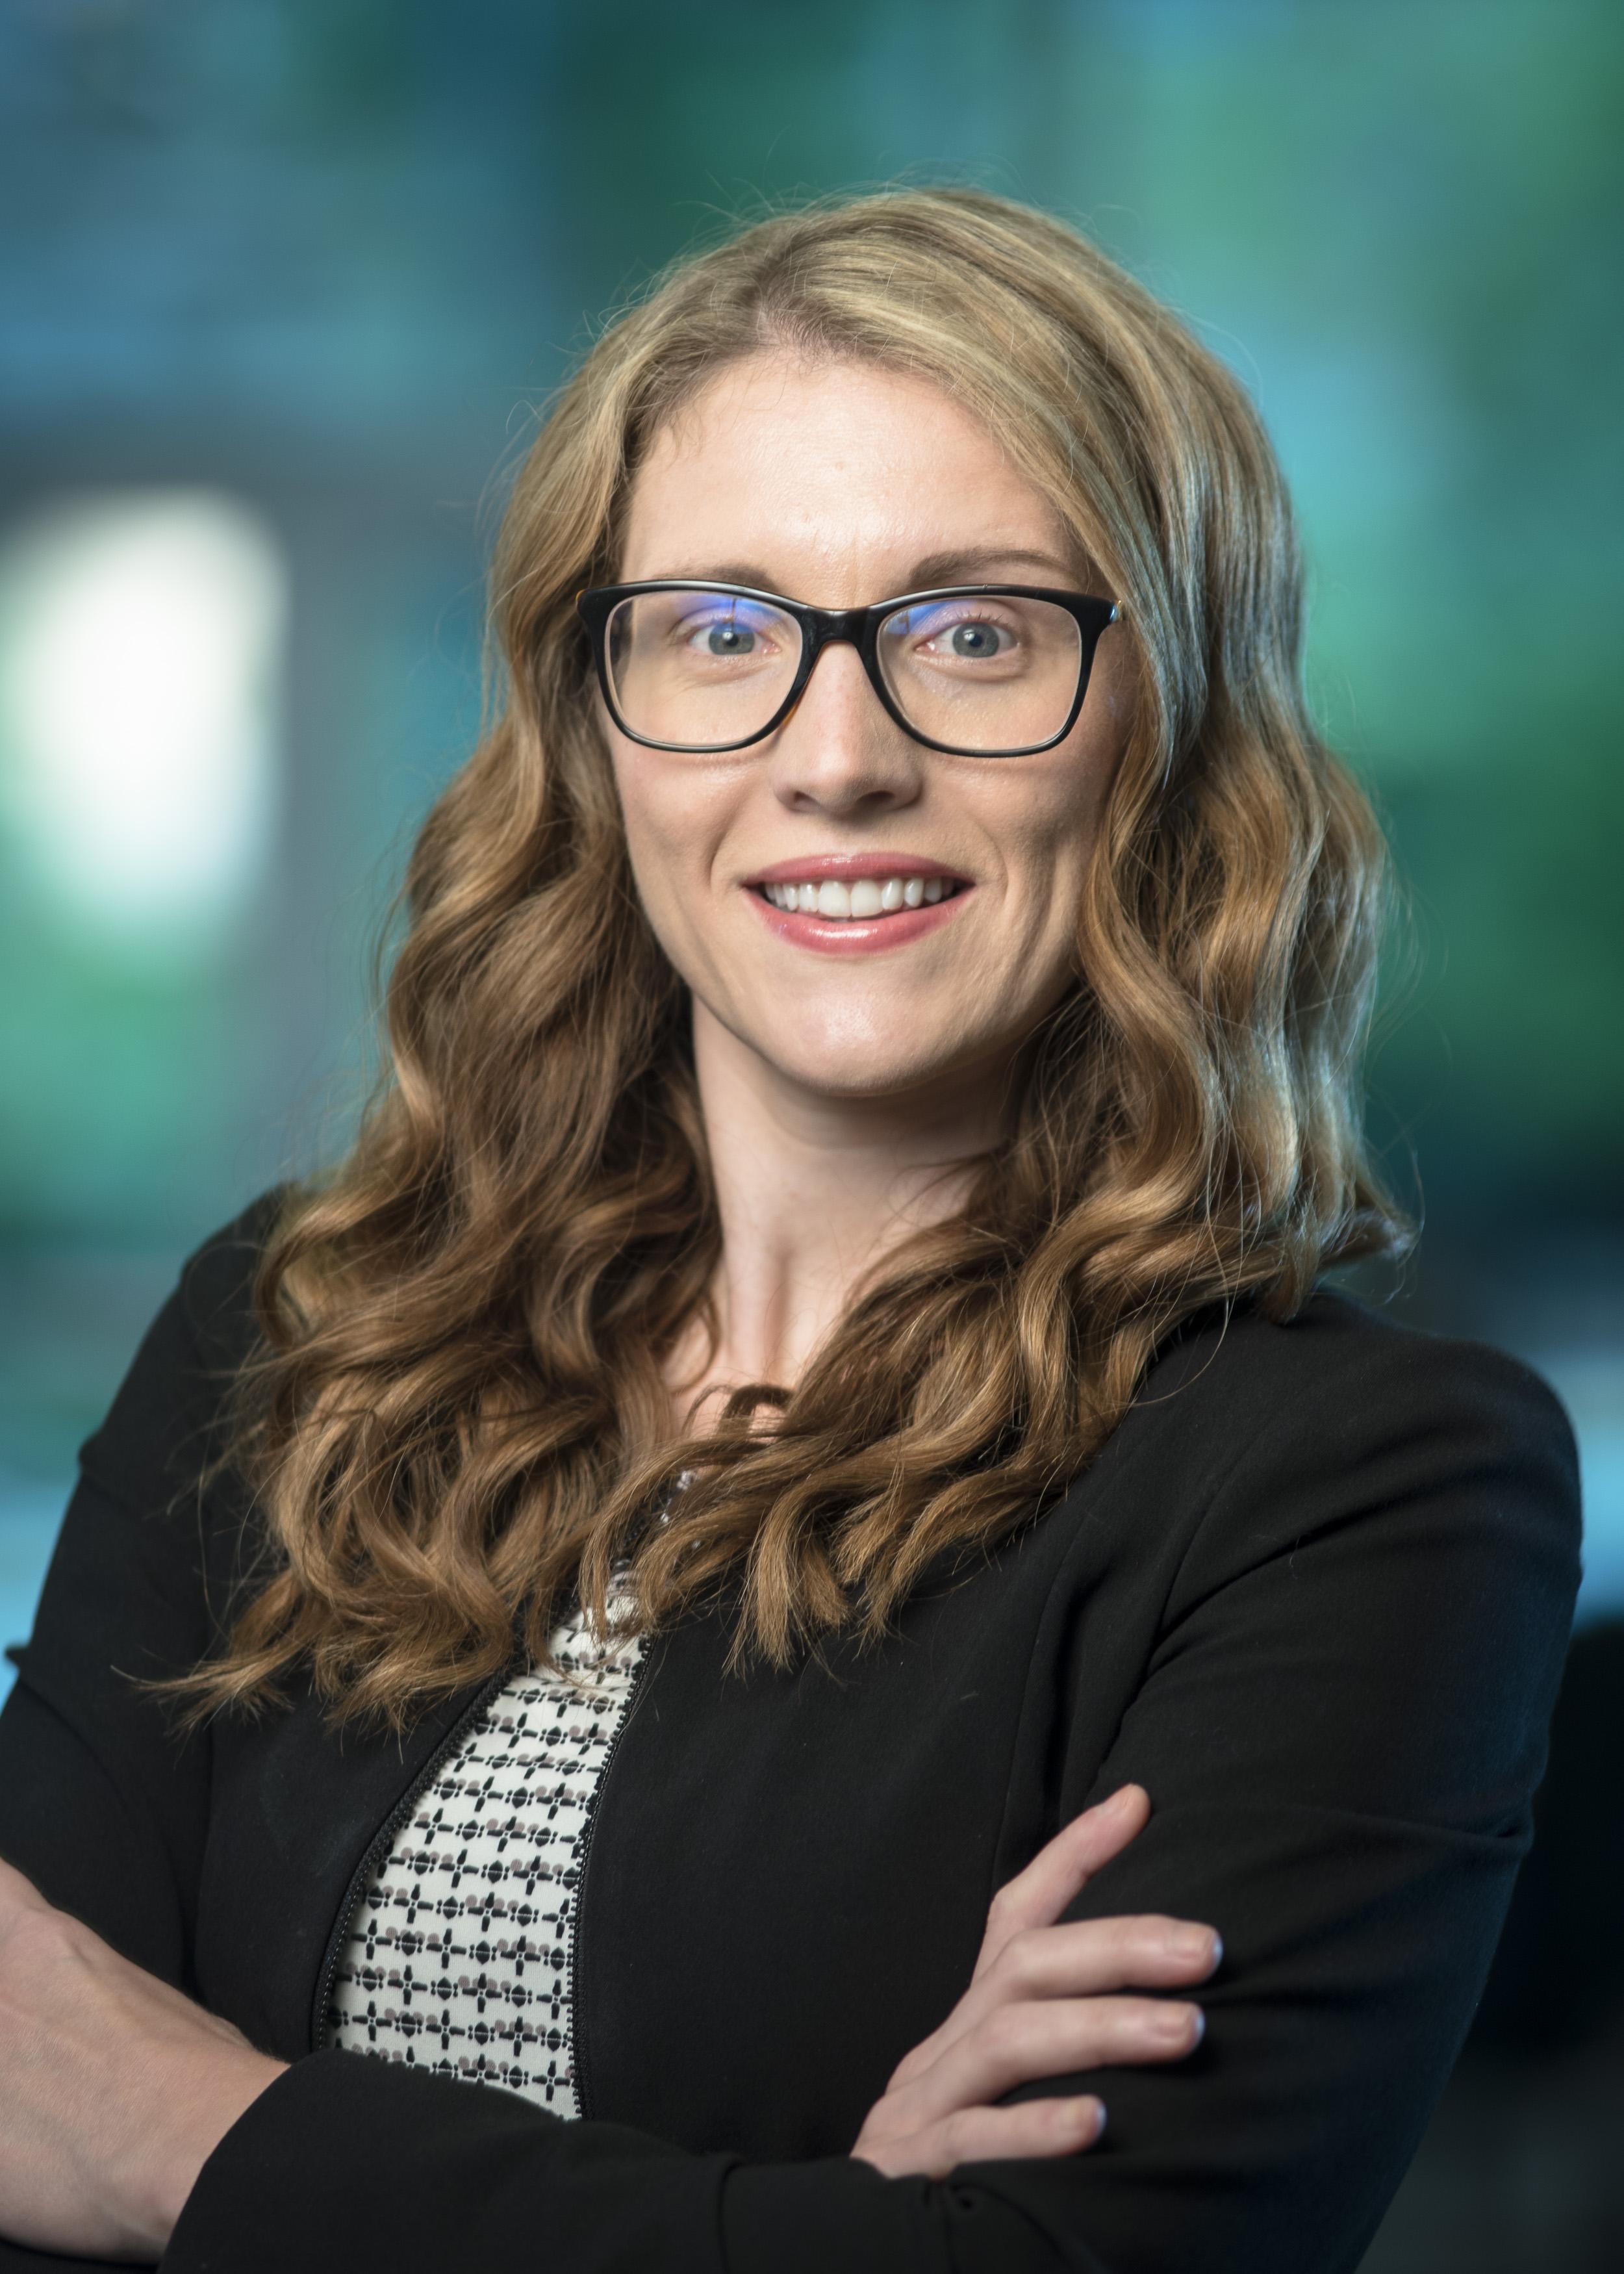 Sarah Glenn